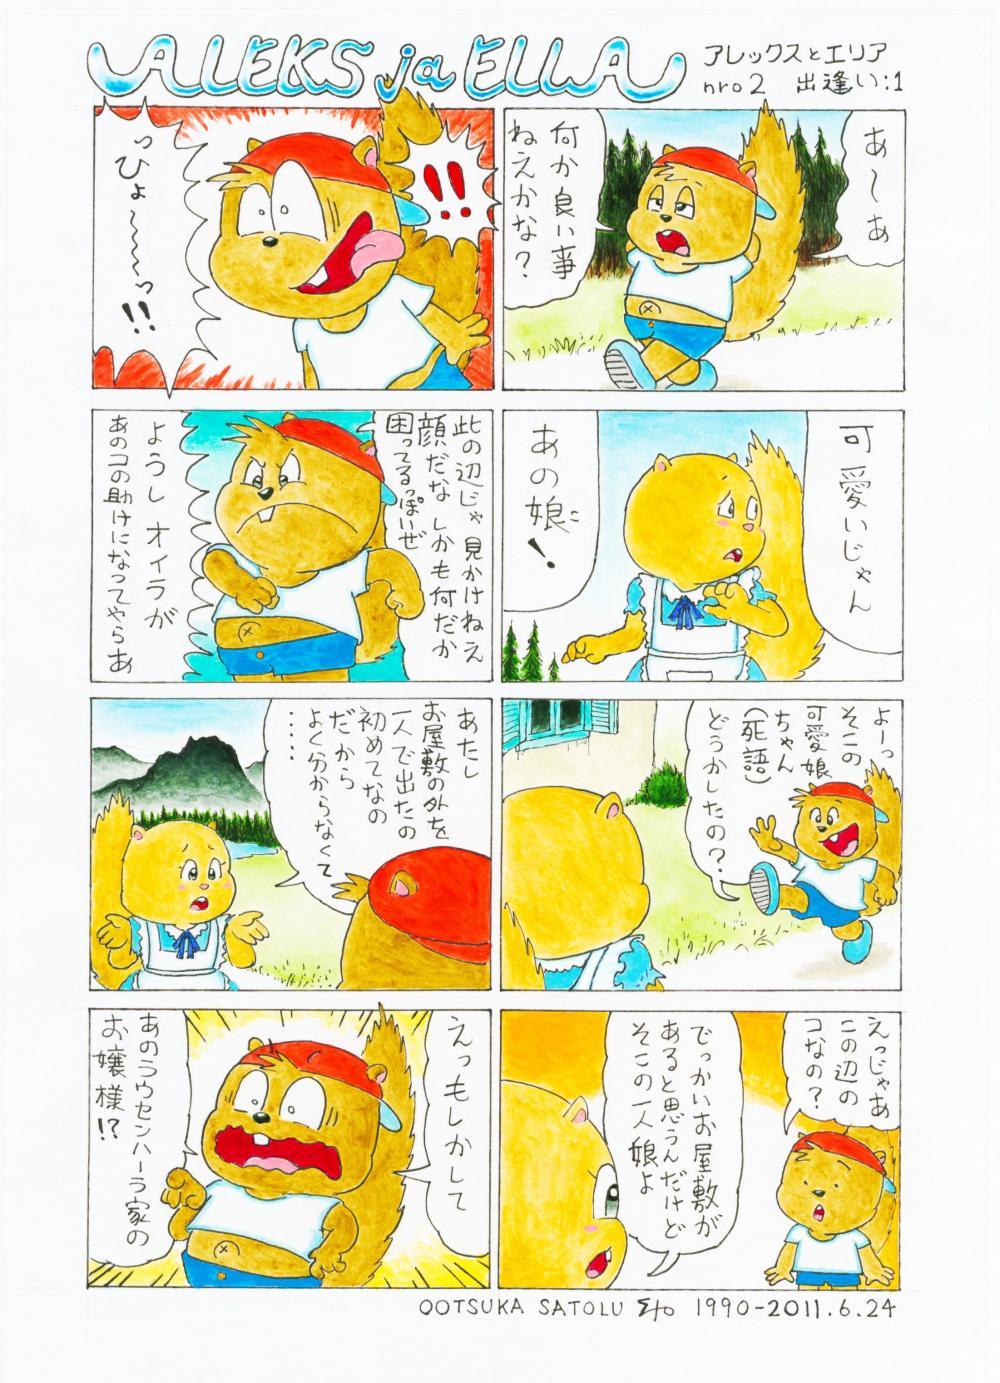 アレックスとエリア(2)2011.6.24